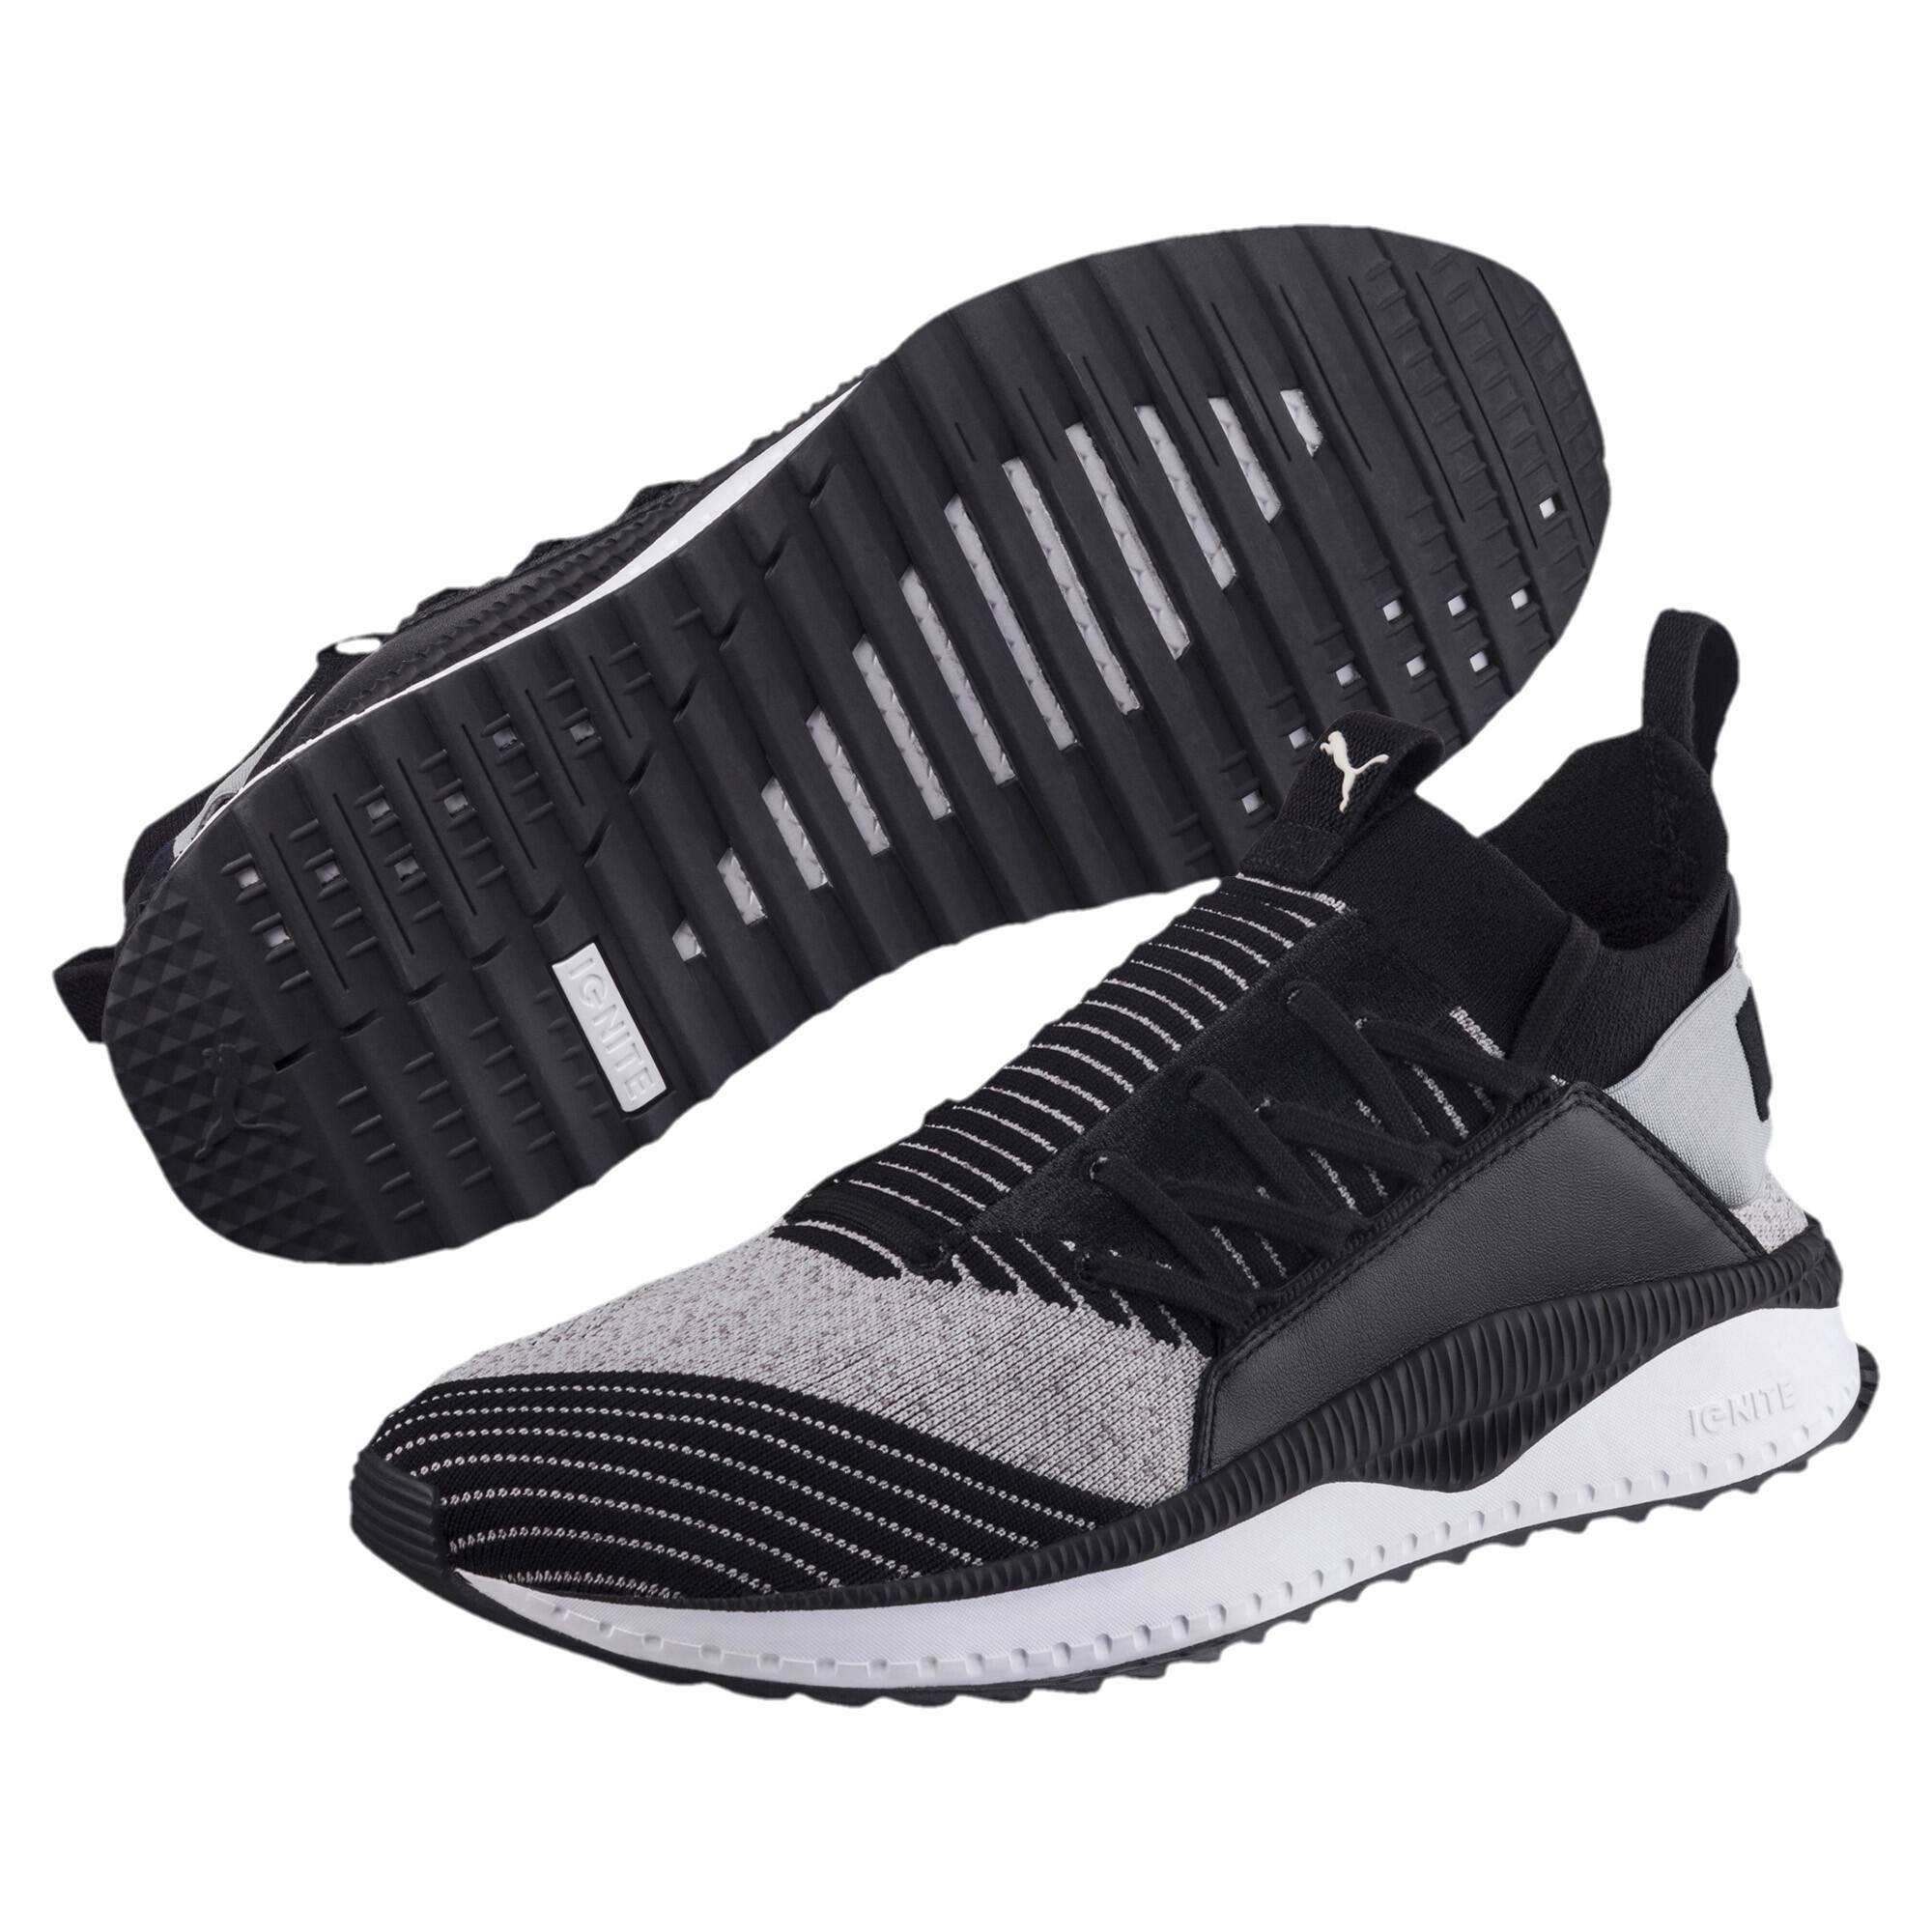 Details zu PUMA TSUGI Jun Sneaker Unisex Schuhe Neu